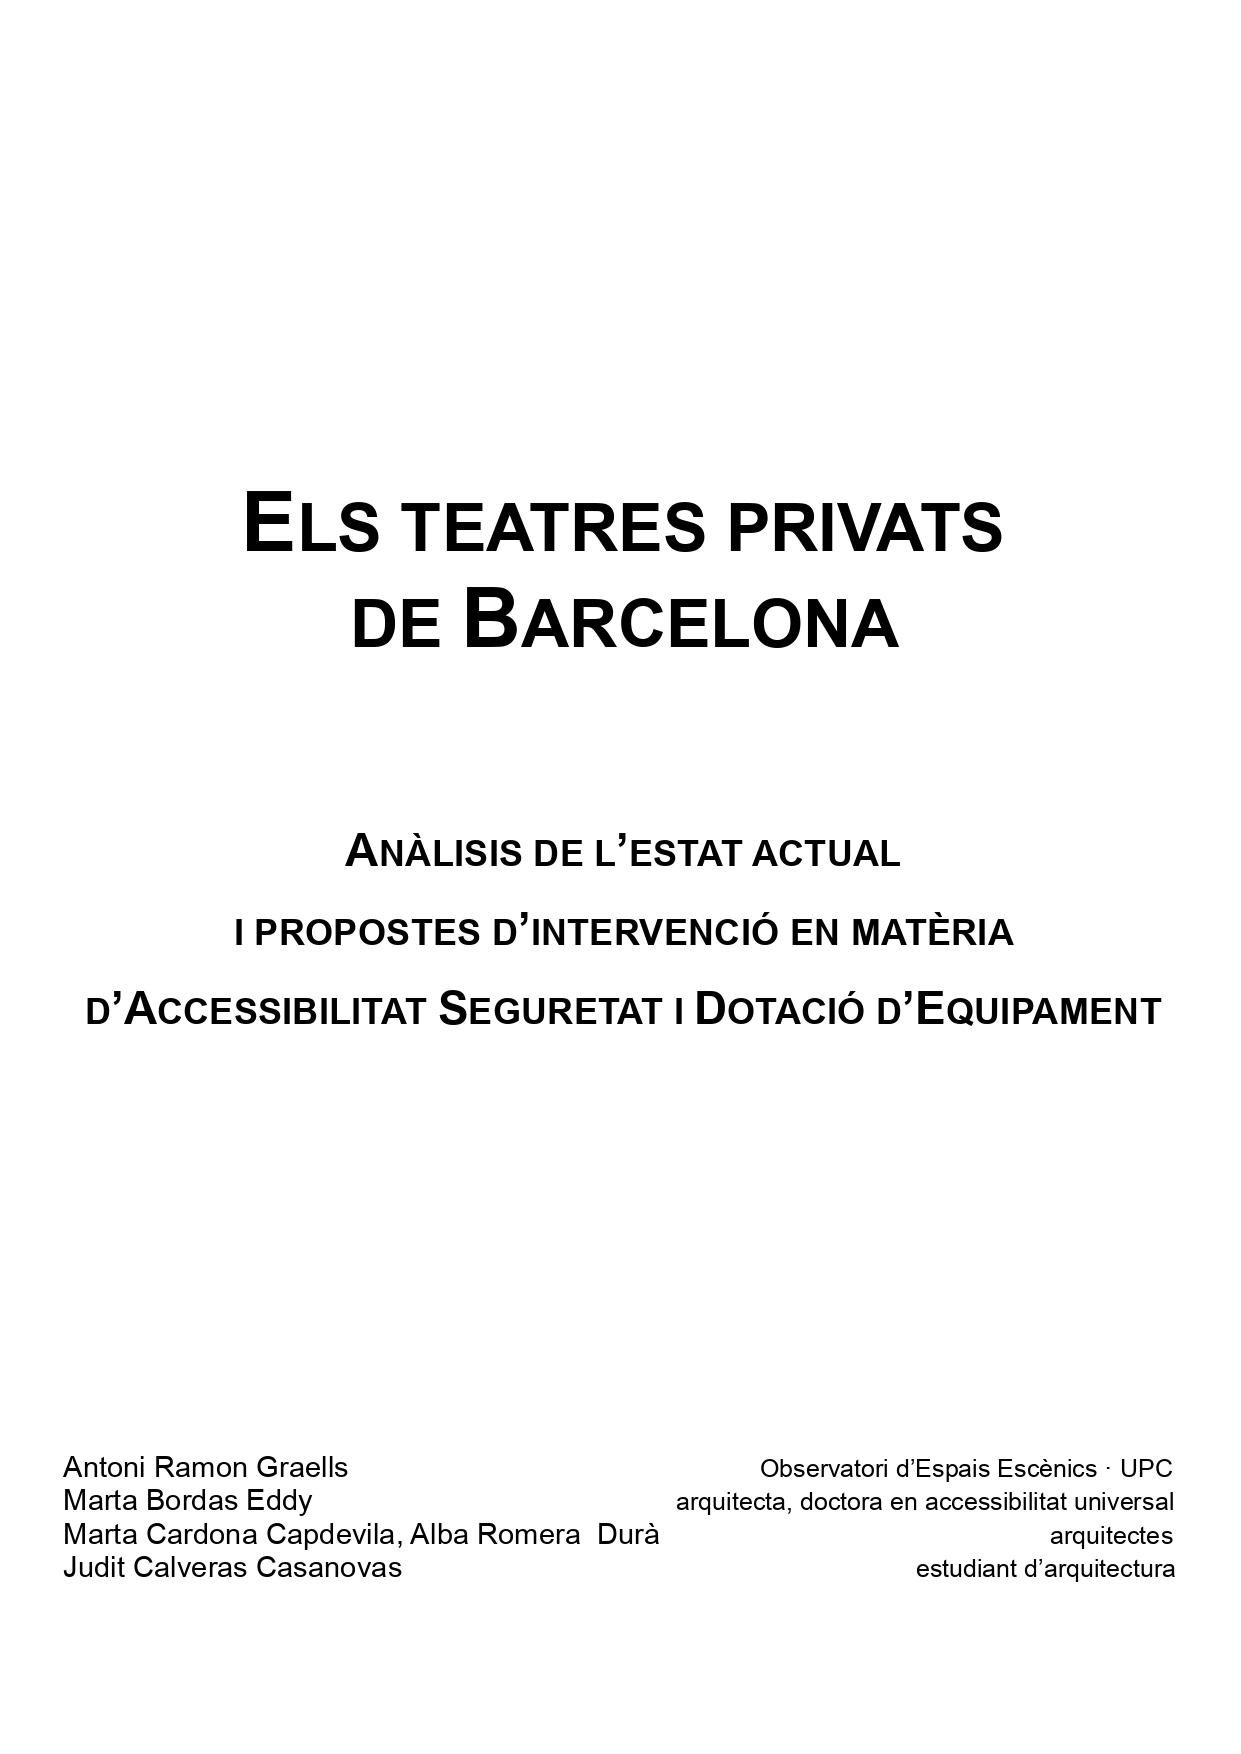 Los teatros privados de Barcelona